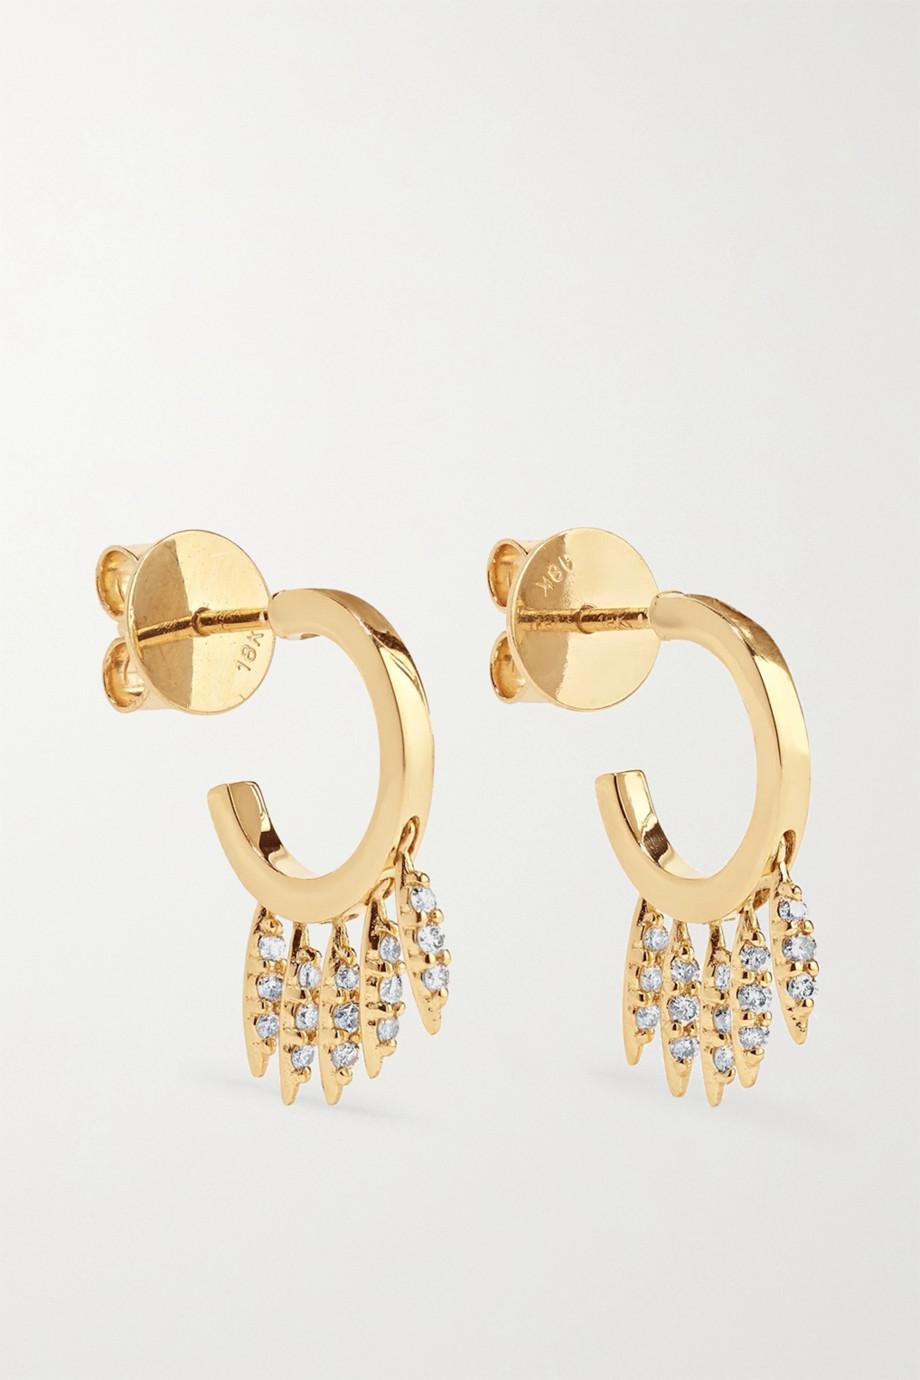 Ileana Makri Grass Clipping Creolen aus 18 Karat Gold mit Diamanten